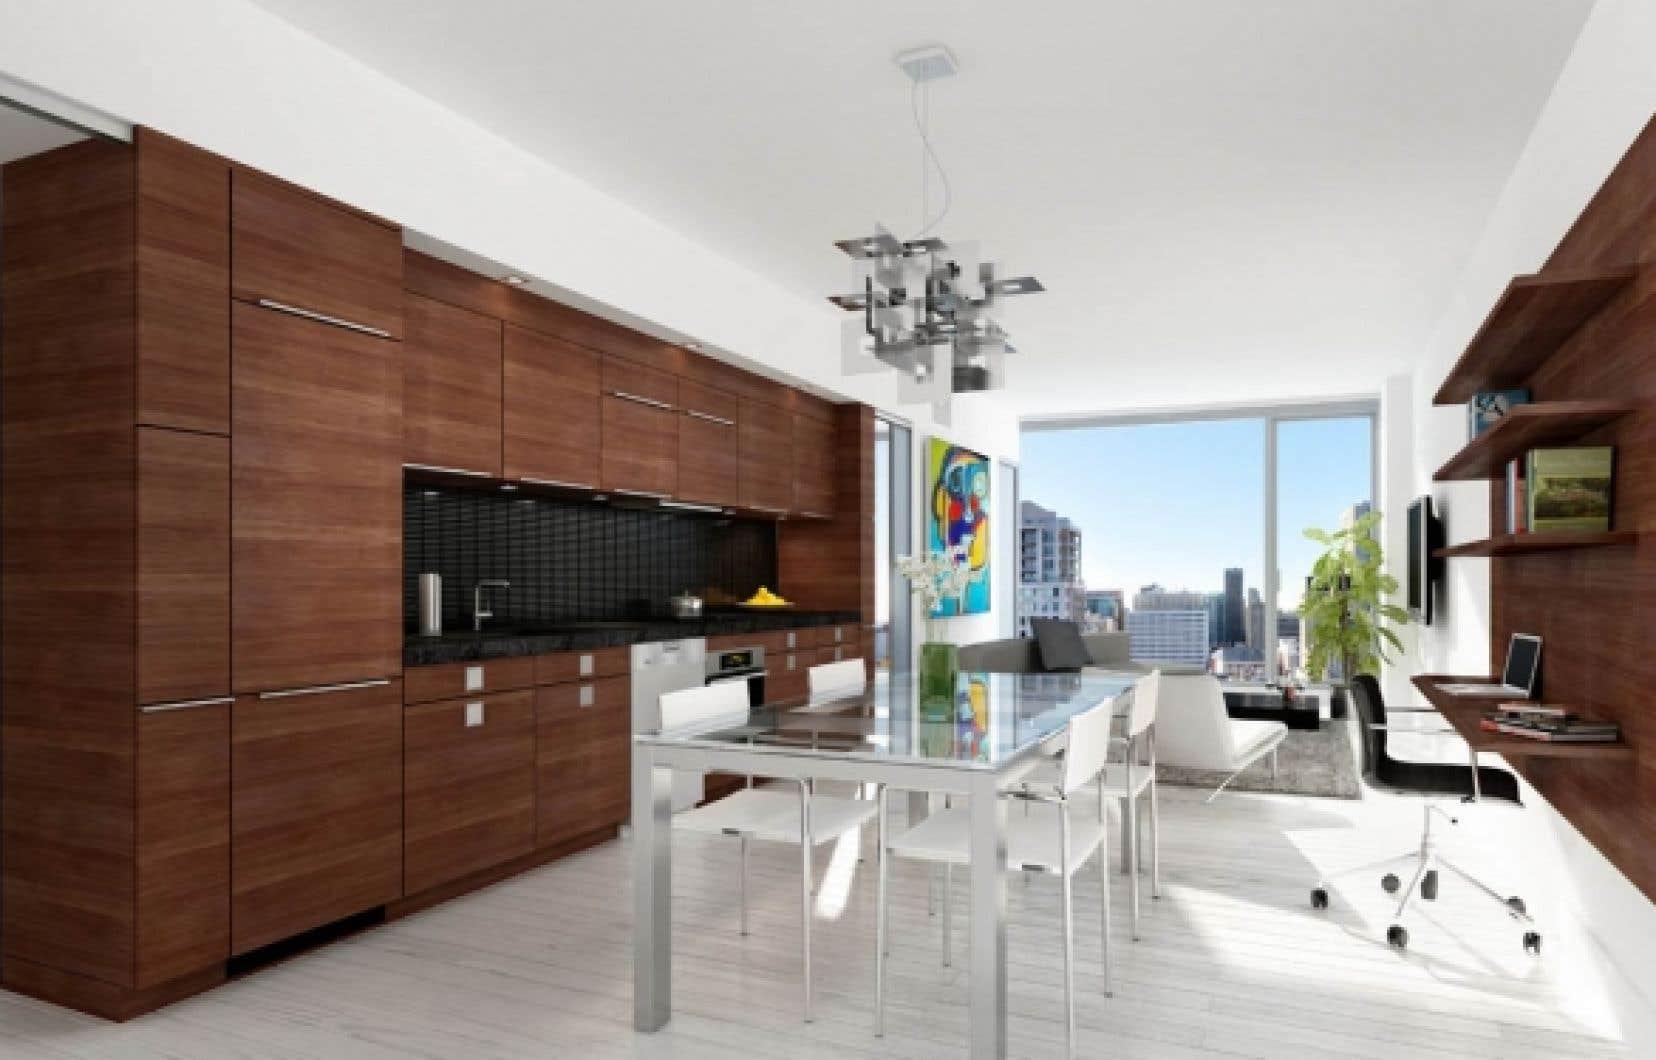 Modèle de cuisine proposé au Triomphe